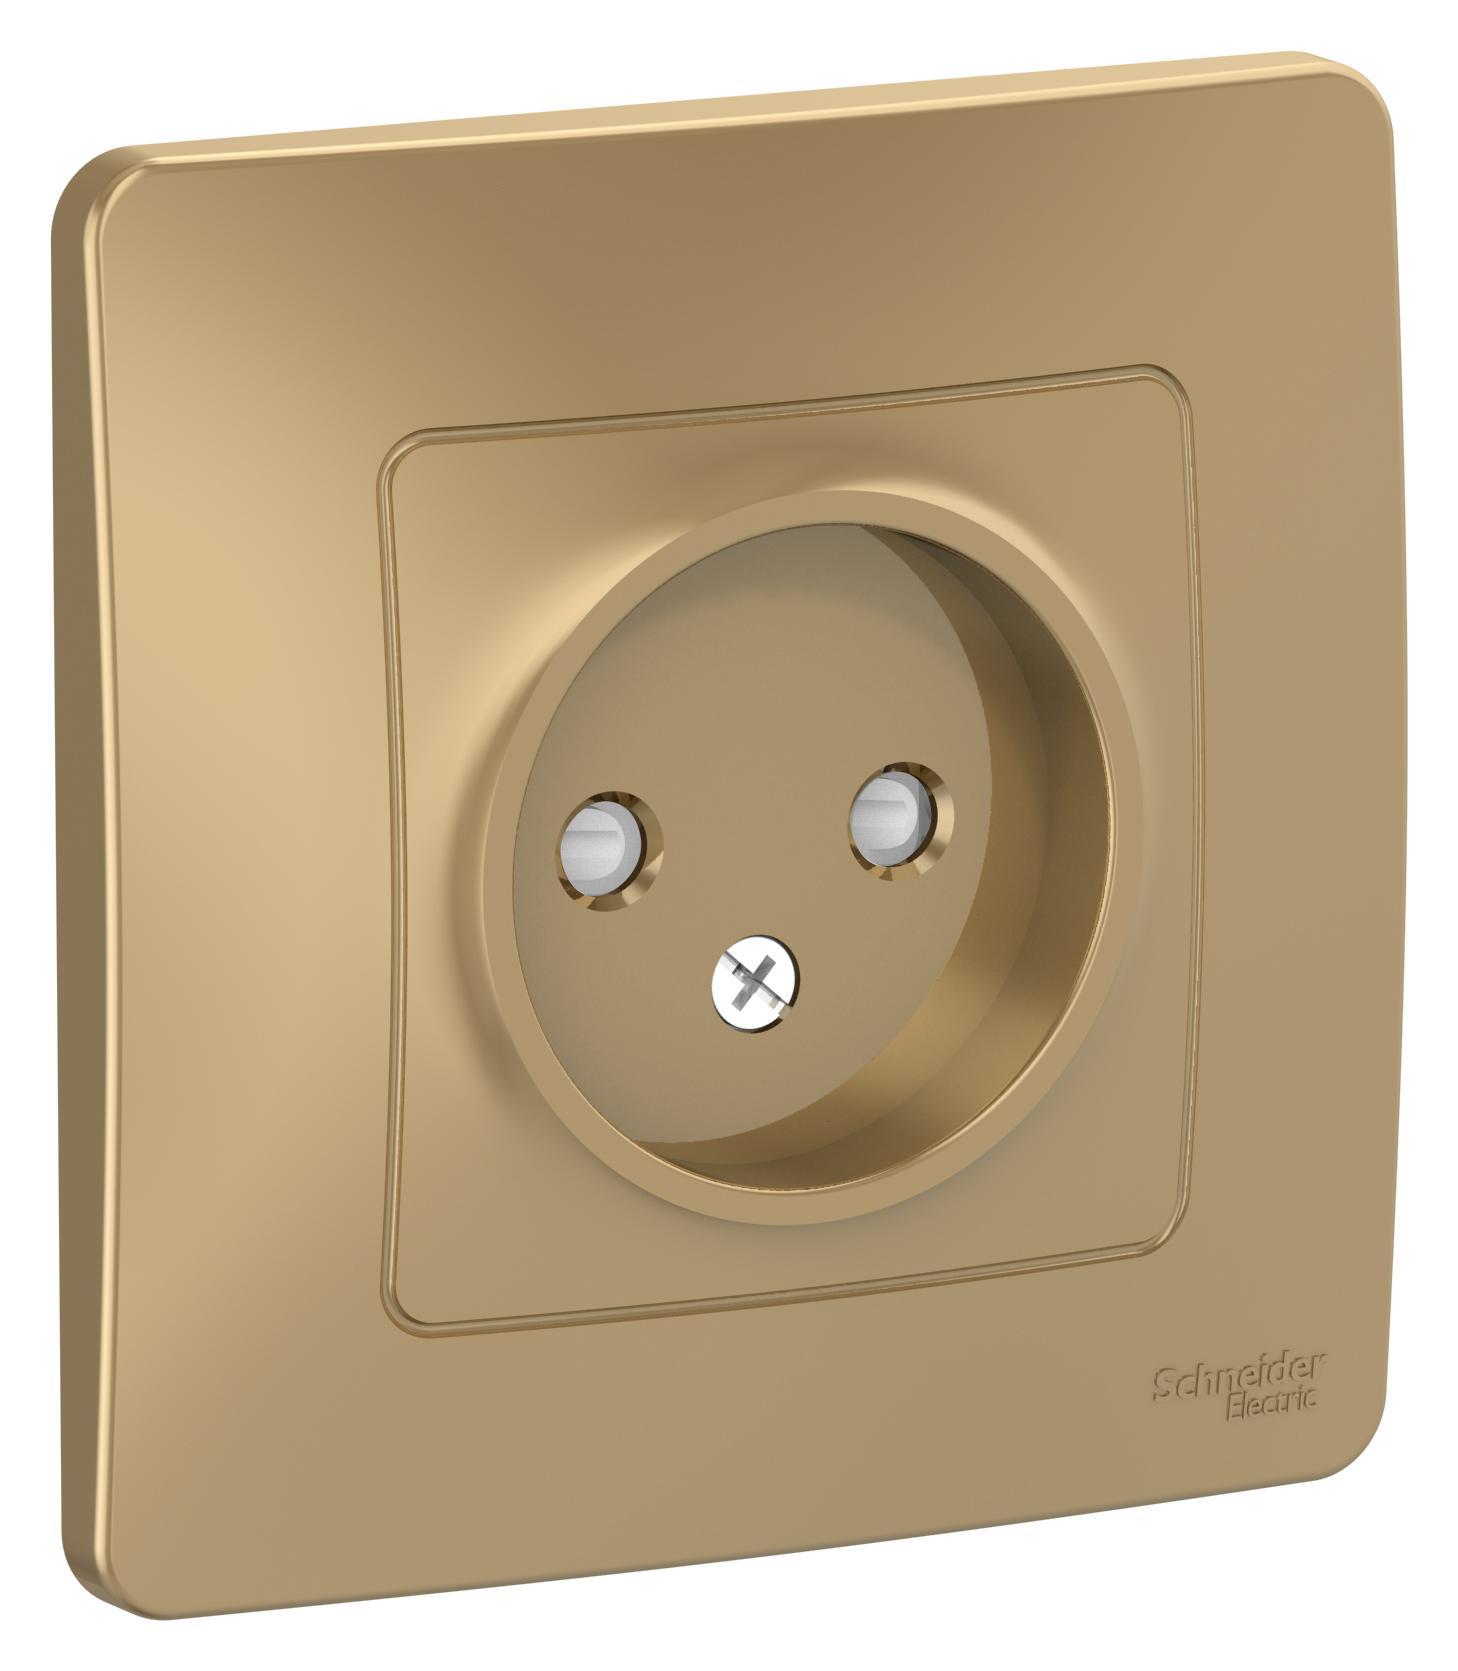 Купить Розетка Schneider electric Blnrs000114 blanca